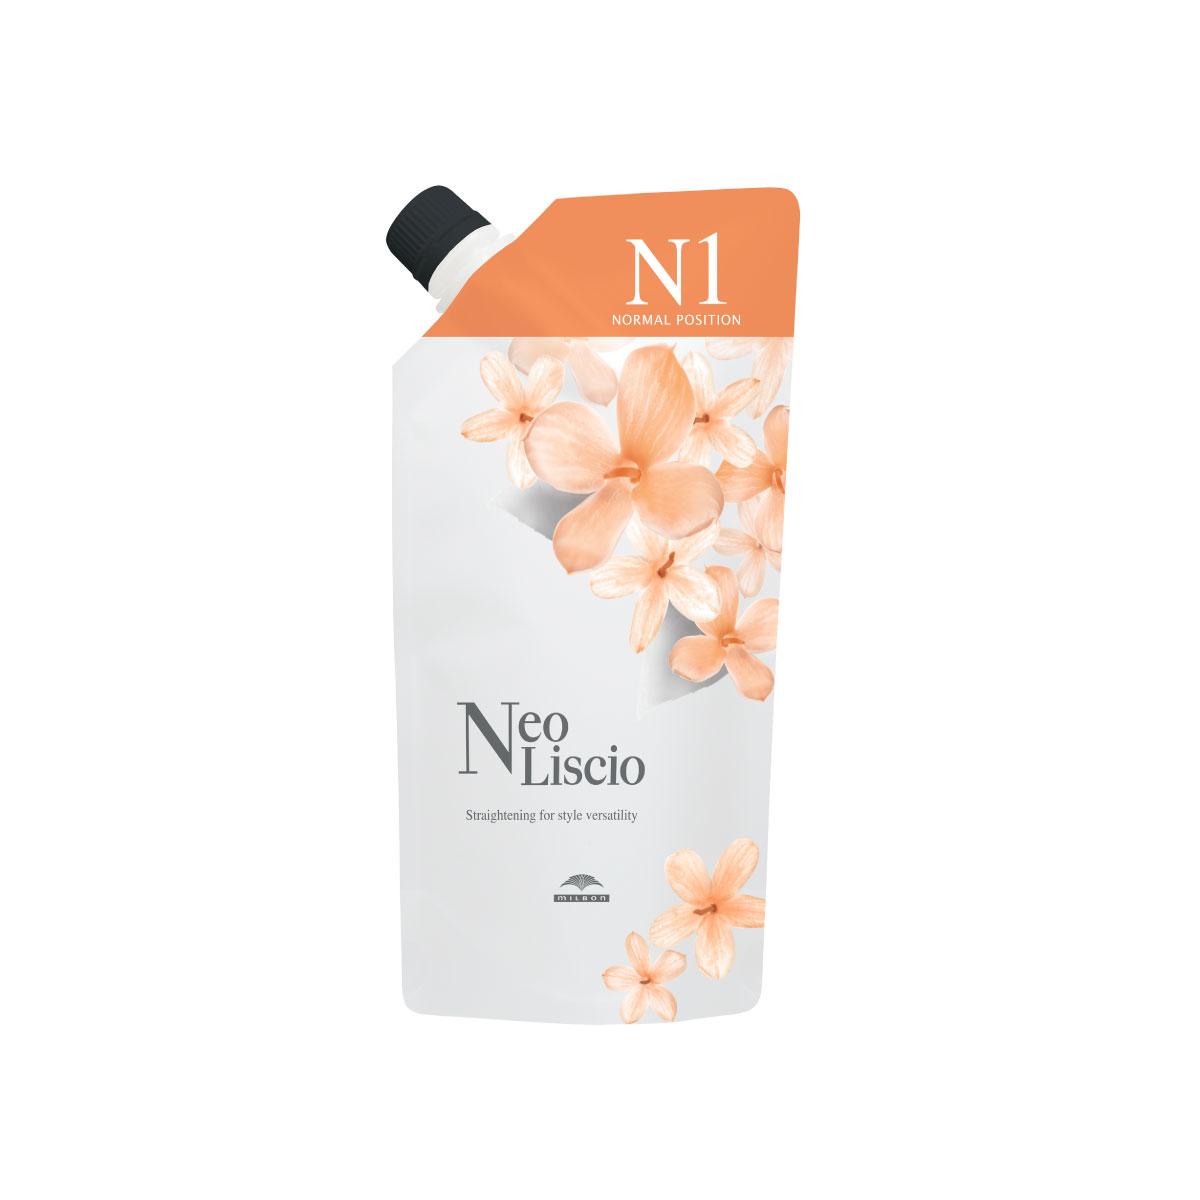 ミルボン ネオリシオ N1 (milbon neoliscio n1) image